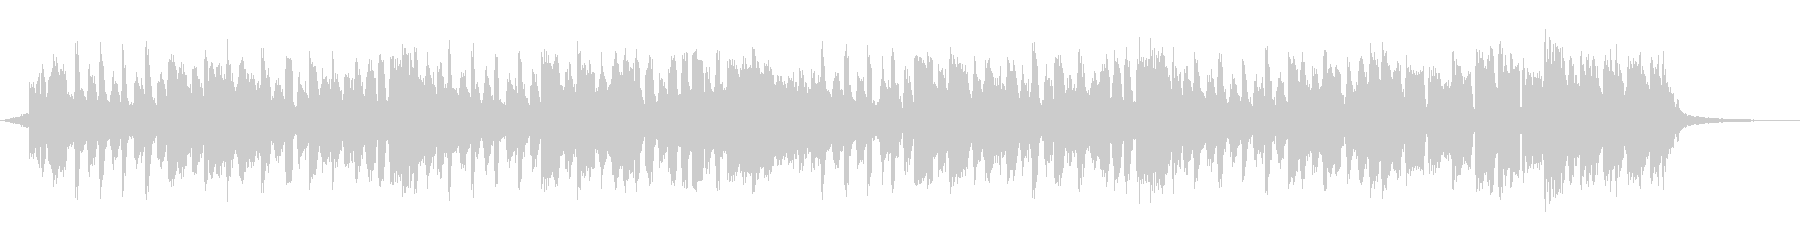 ハッピーバースデーの歌30秒の未再生の波形